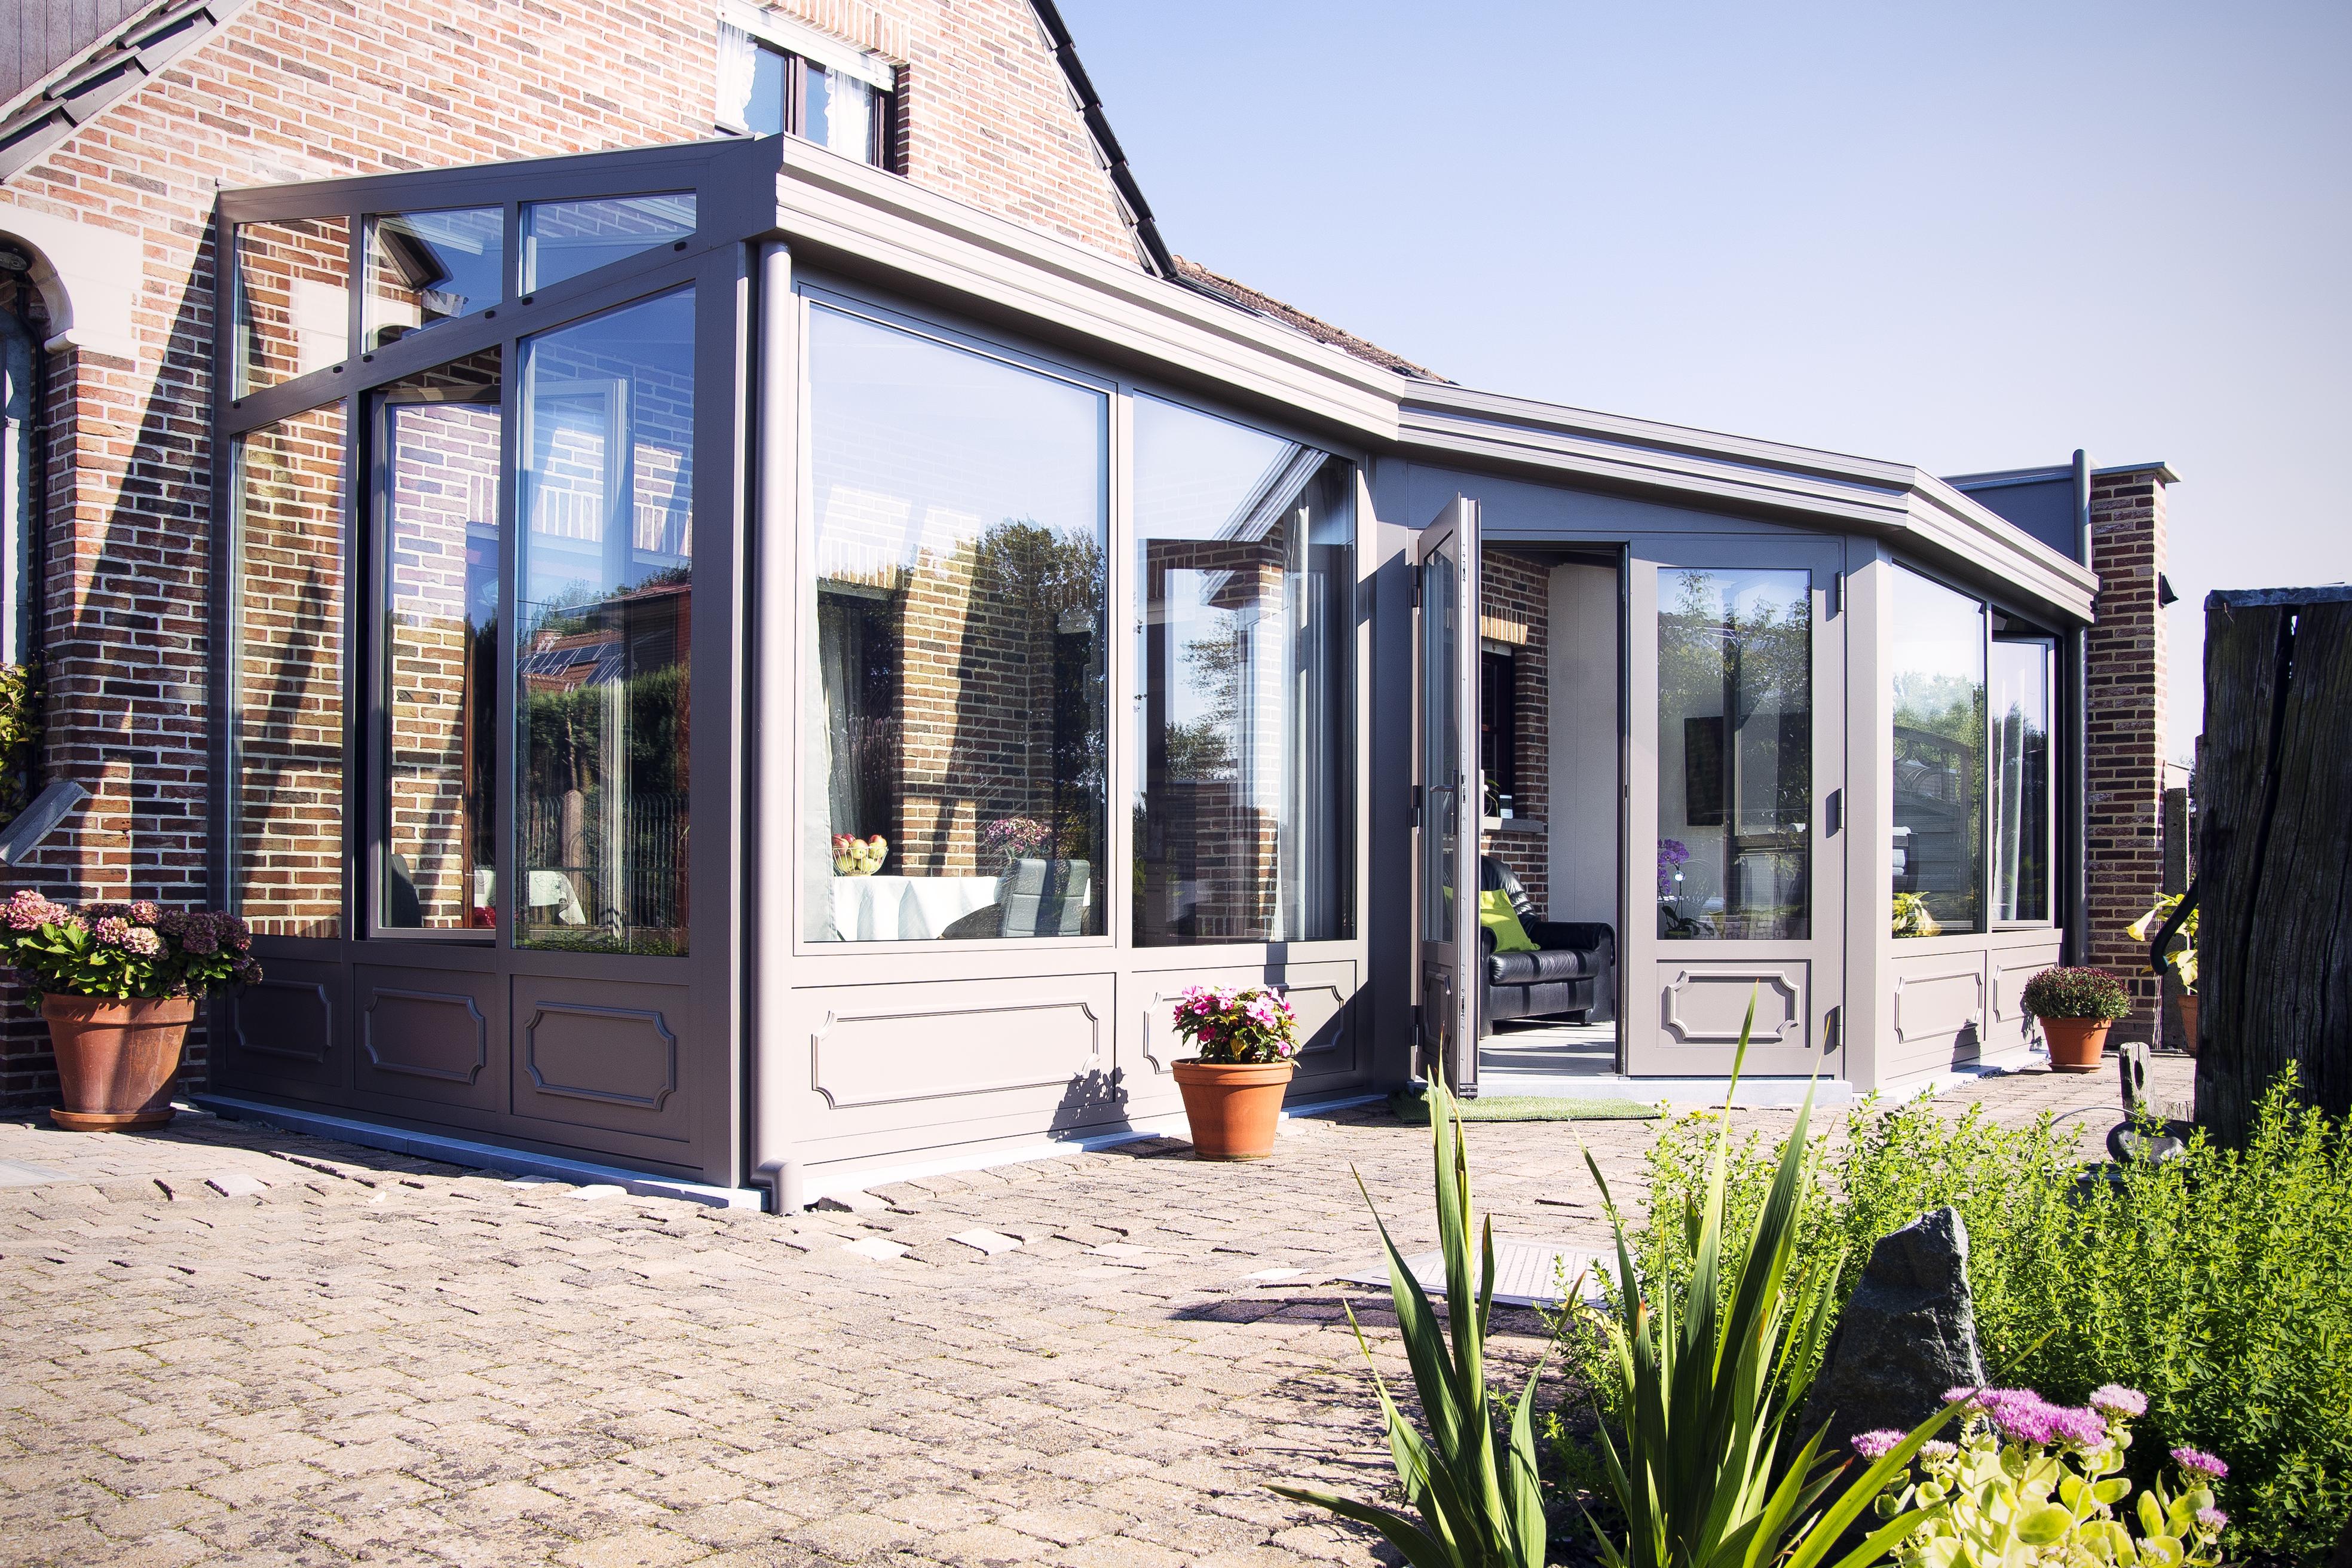 Luxe serre, een bijzondere uitbouw aan uw woning